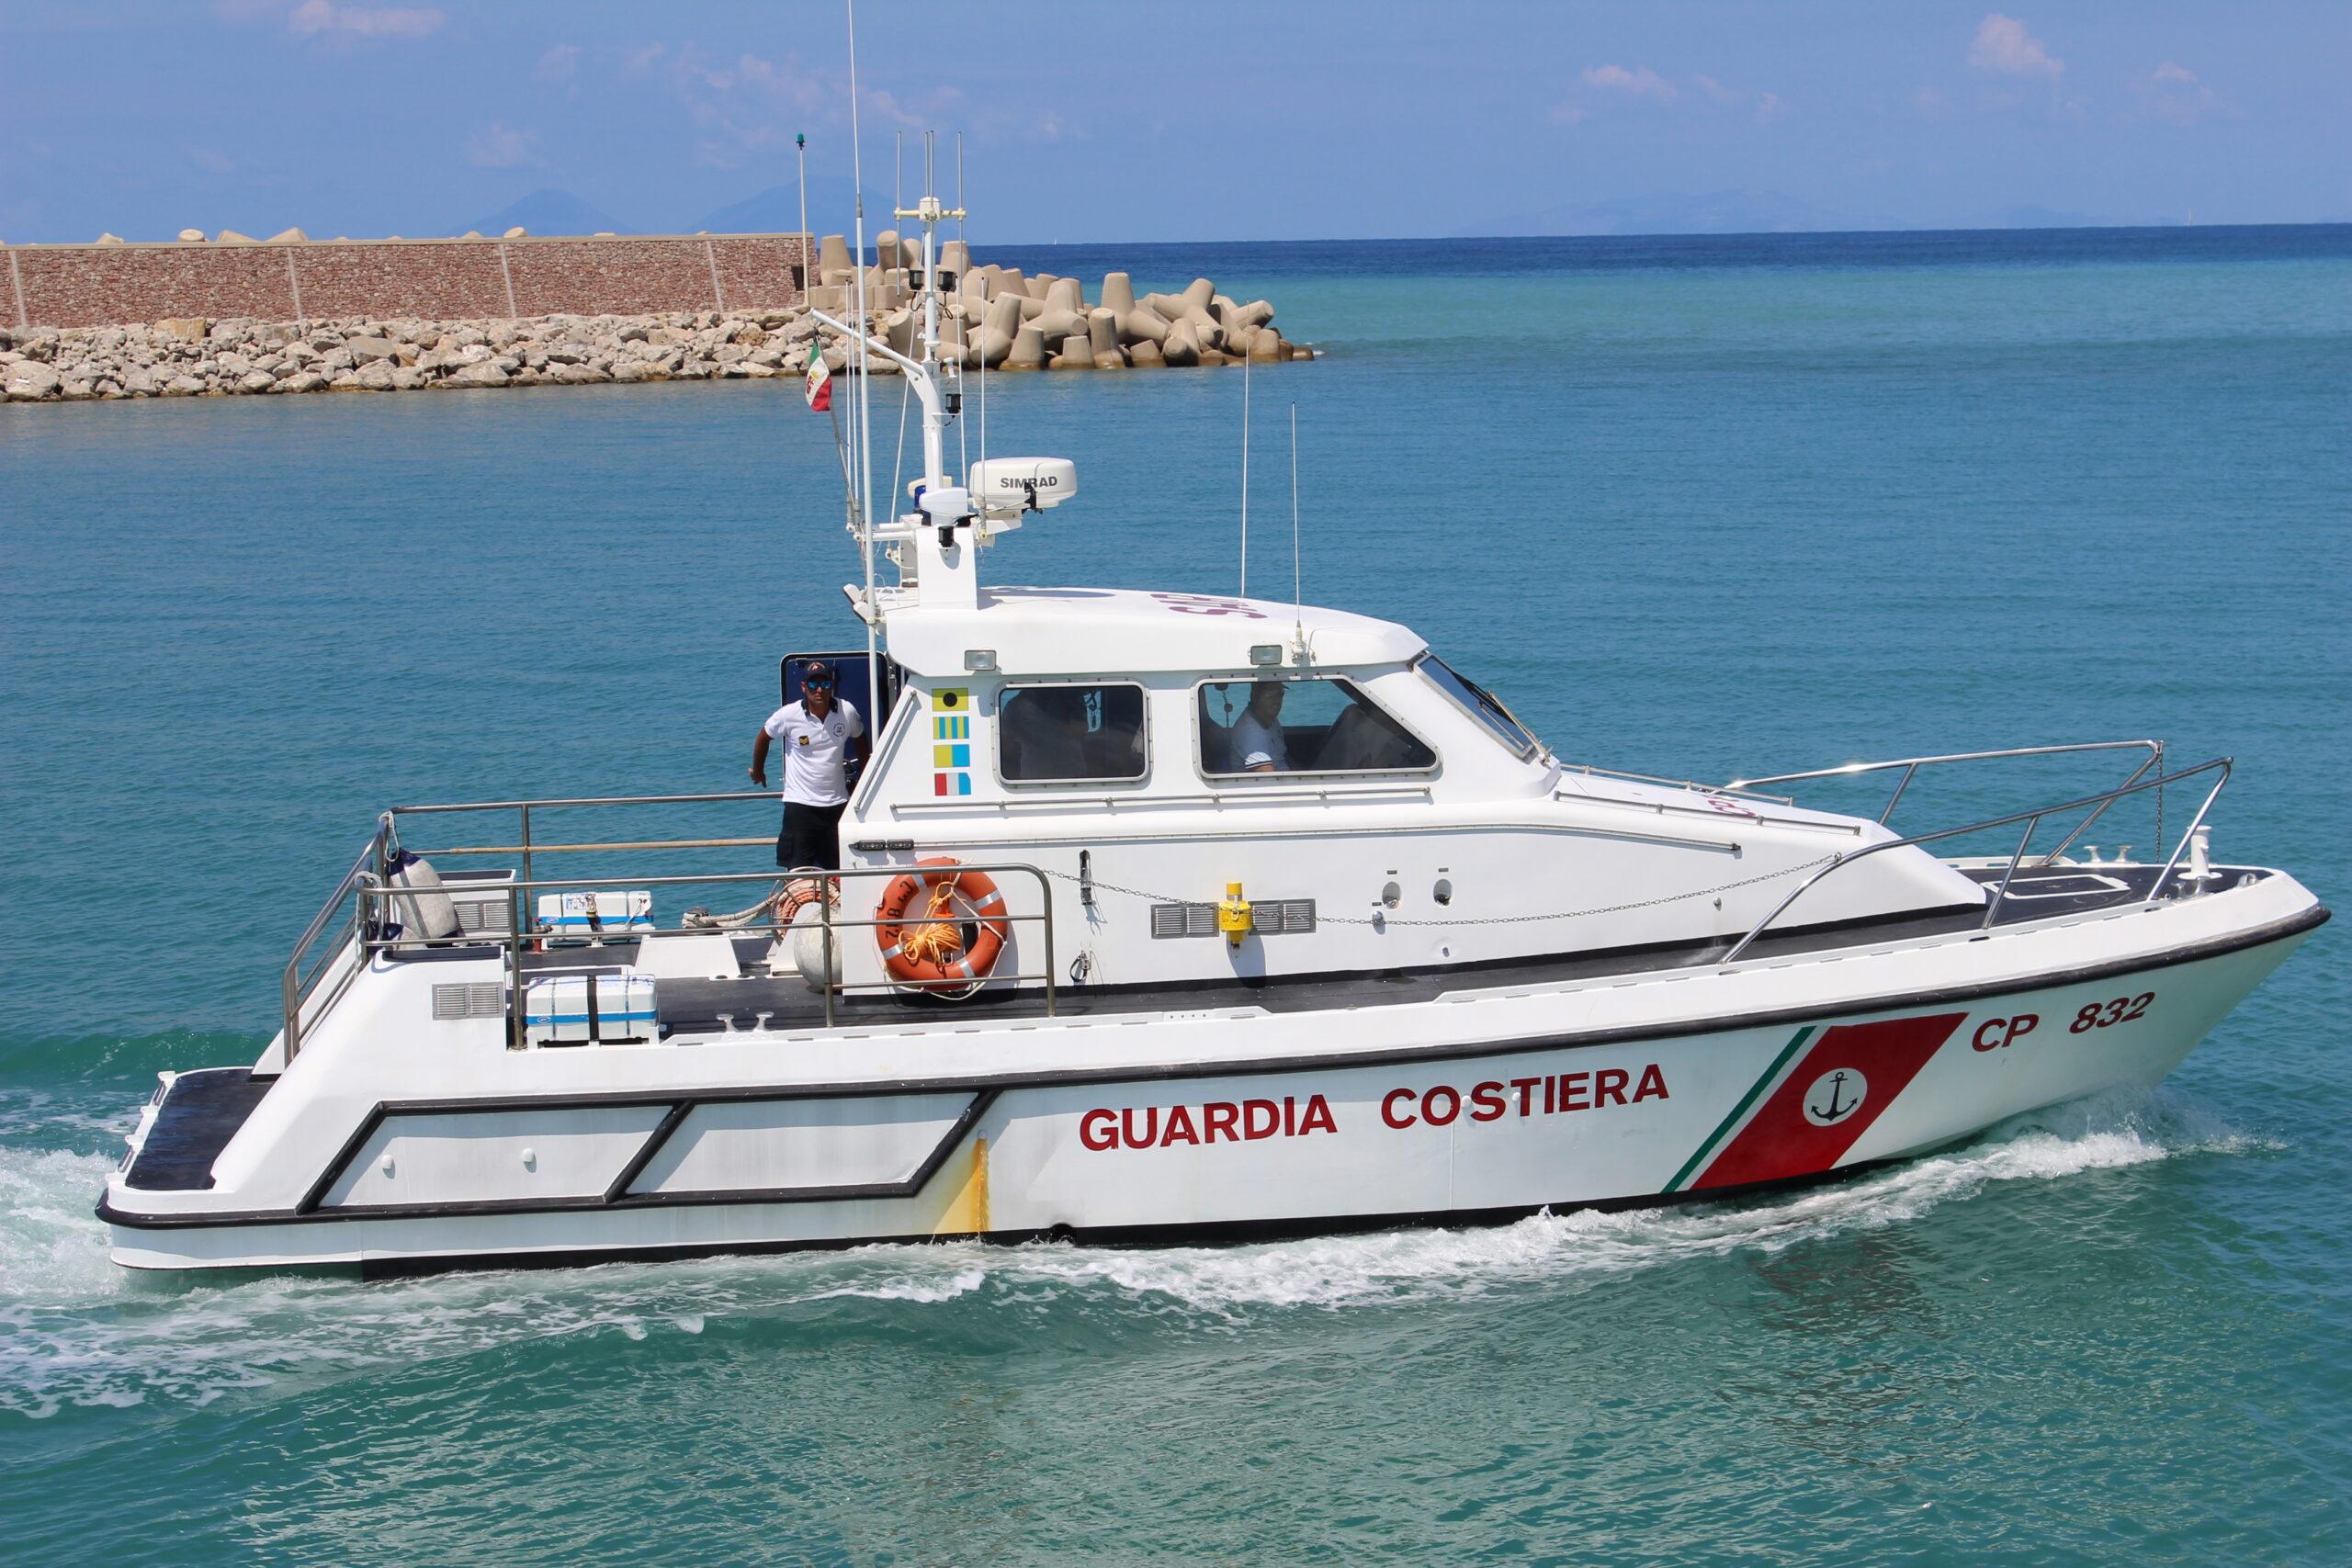 Lungomare di Napoli, vasta azione della Guardia costiera contro le occupazioni abusive sulle spiagge